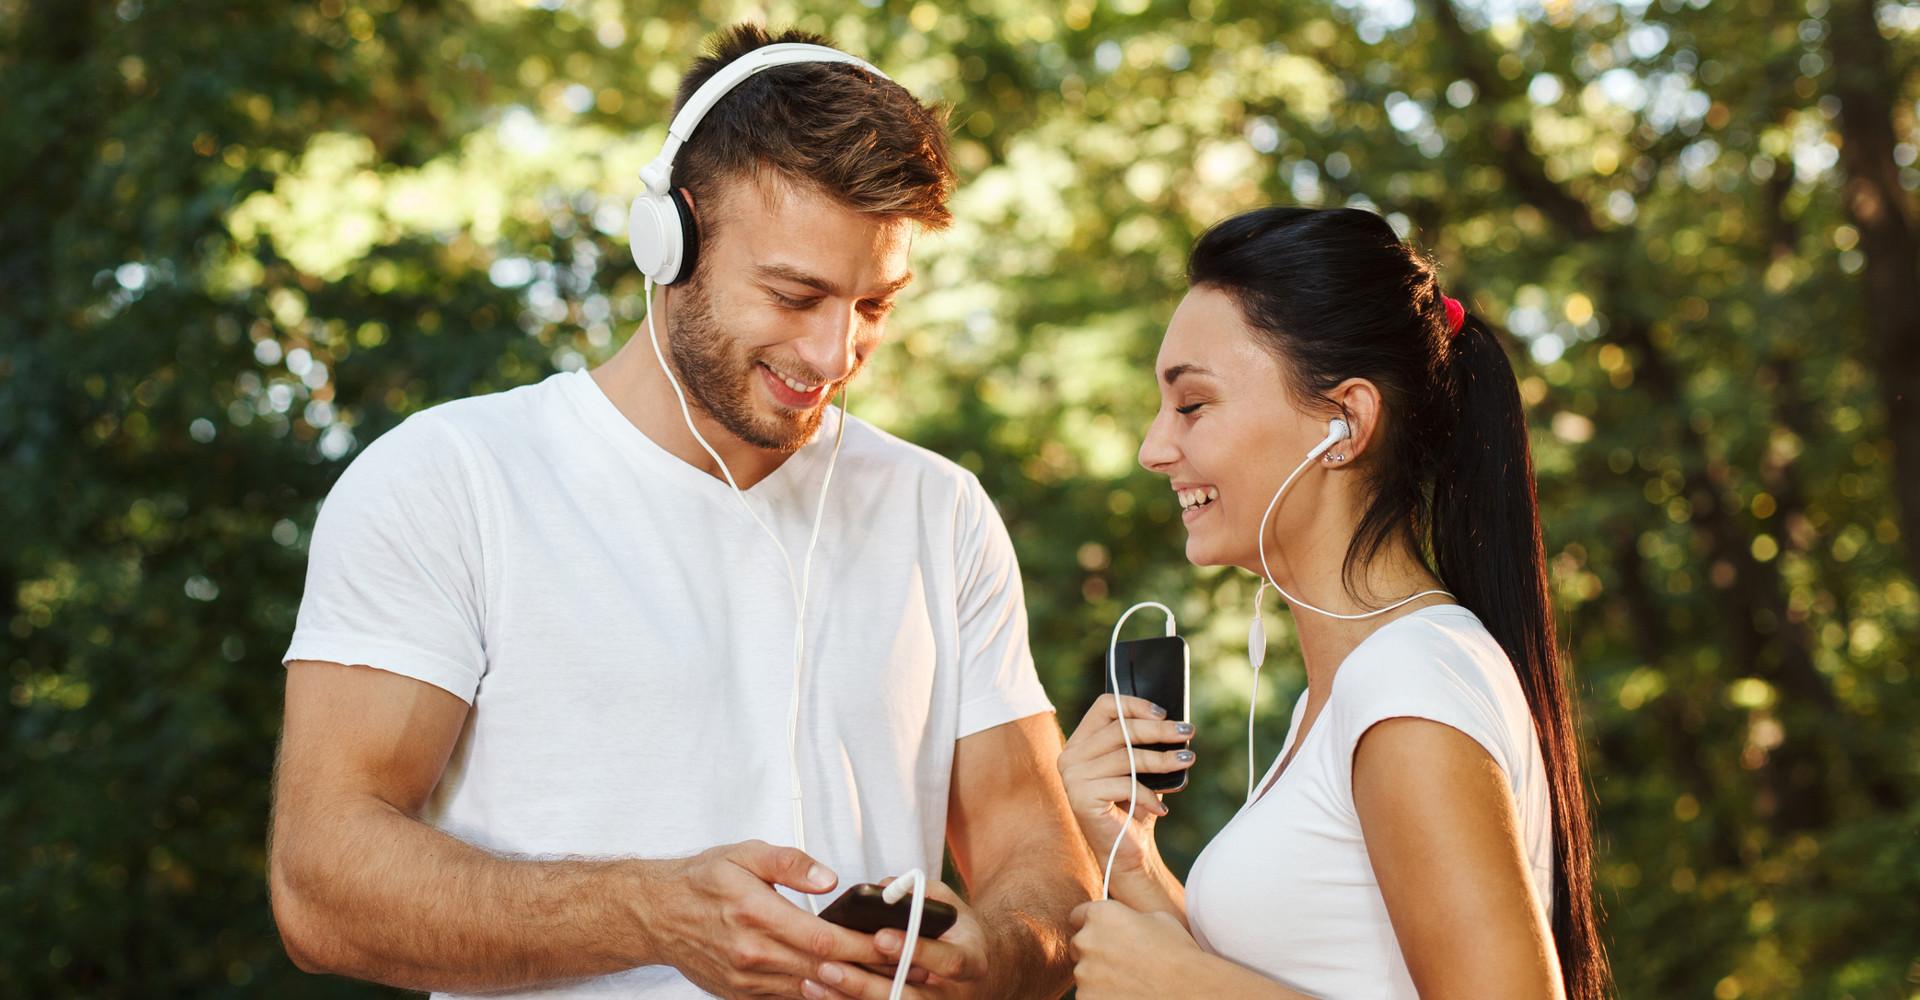 Mann und Frau beim Joggen mit verschiedenen Kopfhörersystemen